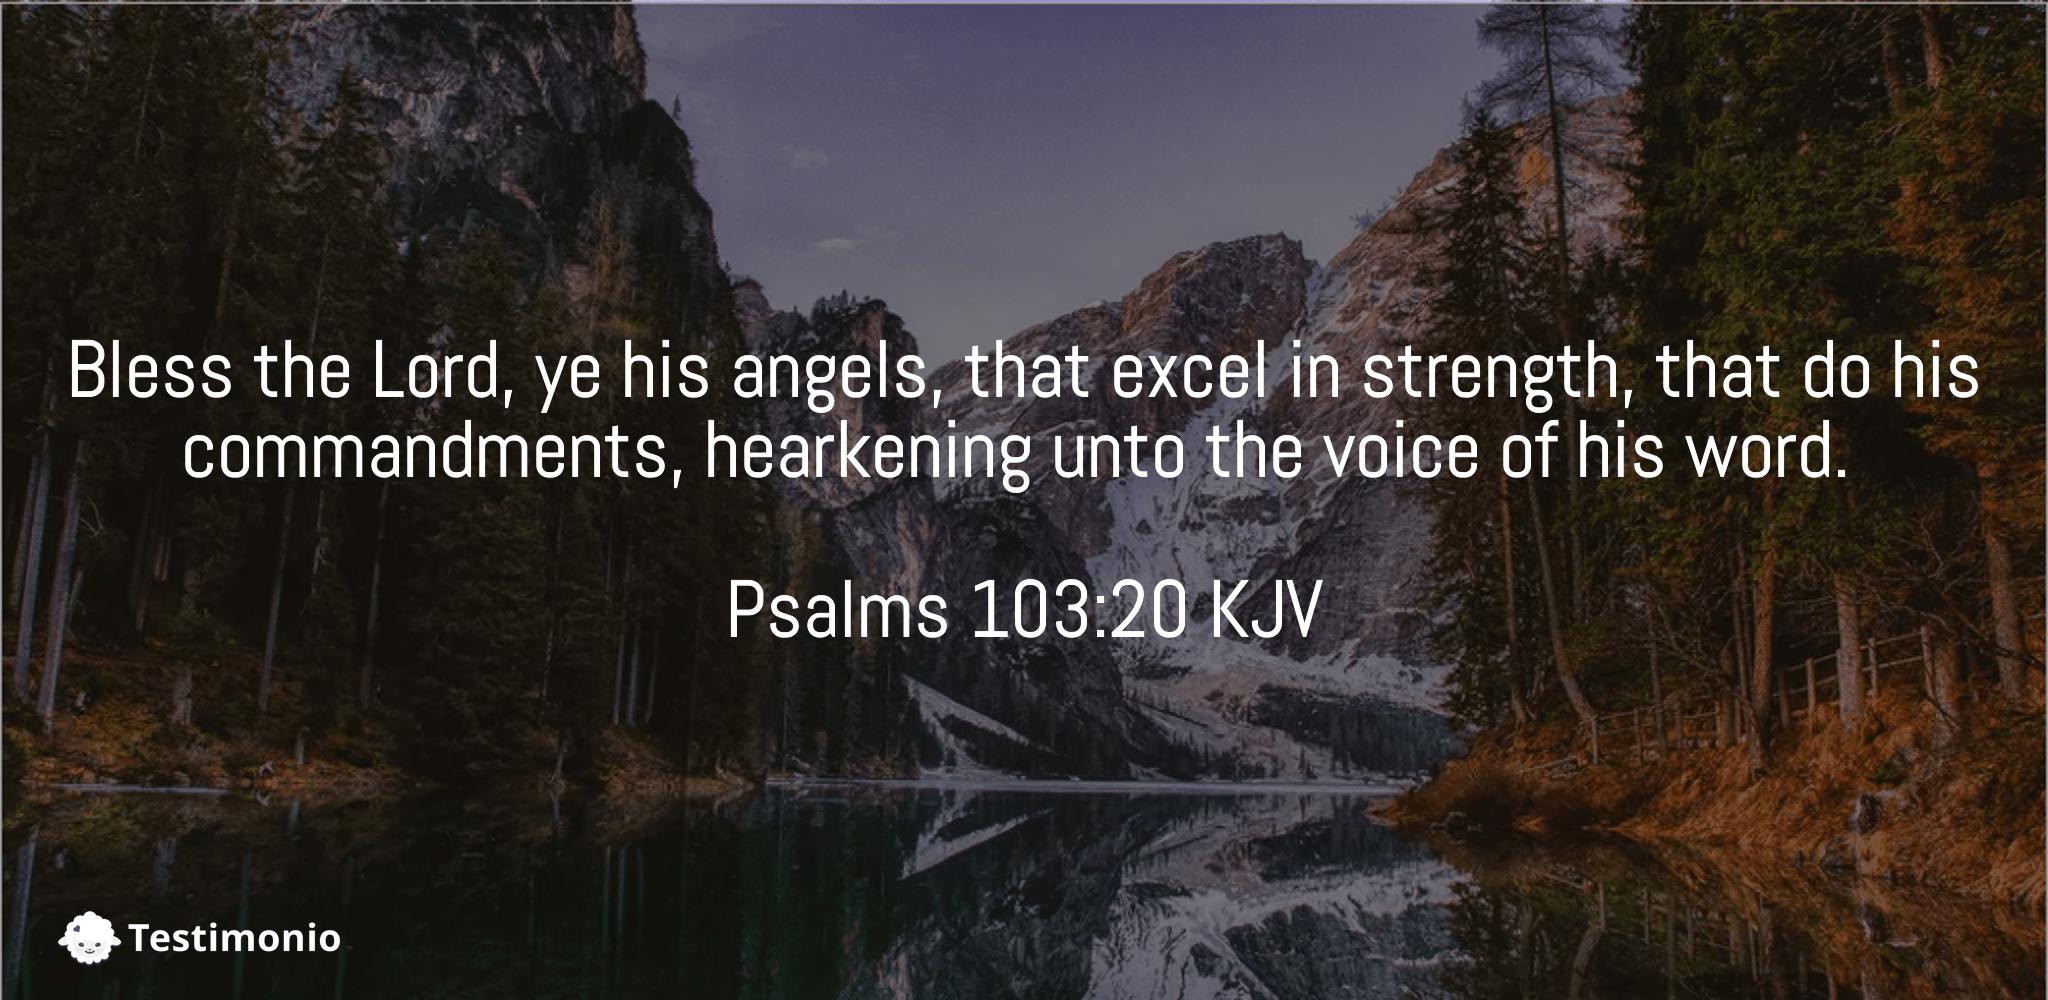 Psalms 103:20